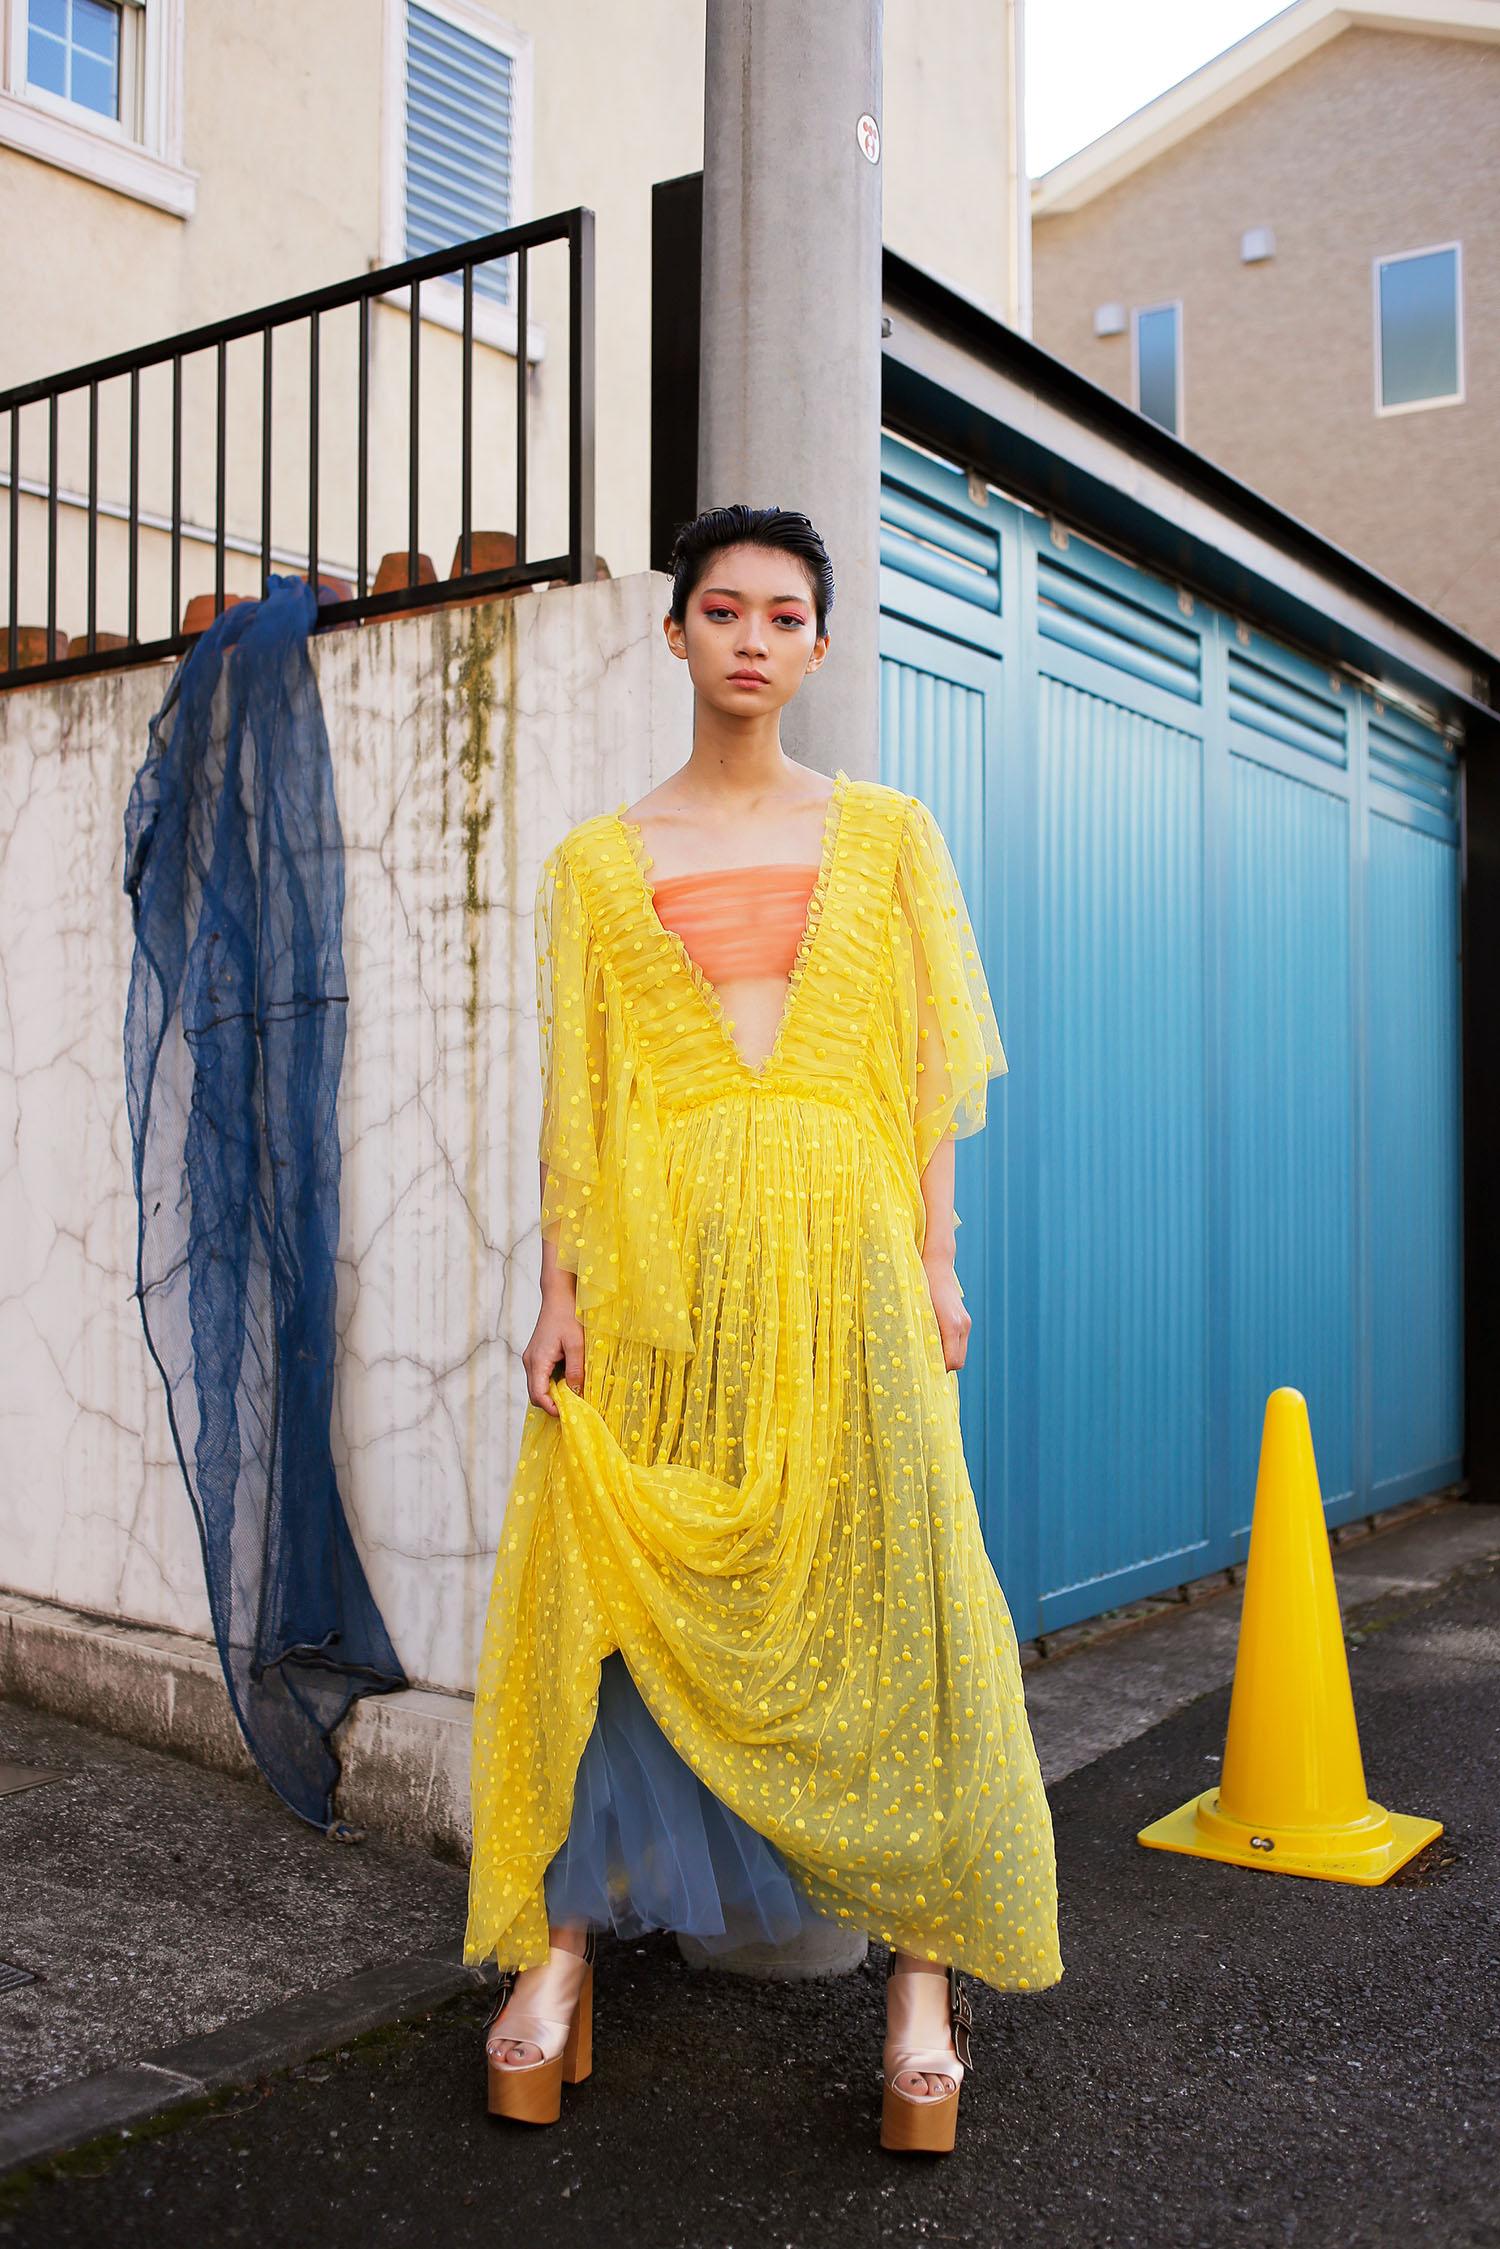 <The Look includes> ドレス ¥ 596,000、ブラトップ 参考商品、スカート ¥ 126,000、シューズ ¥ 117,000 全て Rochas <br /> <Beuaty tips> 目の覚めるようなカラーメイクでスプリングルックをマキシムに楽しんで。Dior「カラー グラデーション パレット 001 ブルー グラデーション」※限定品、NARS「ブラッシュ」チーク 4001、Chanel「イニミタブル エクストレム」マスカラ 10 ヌワール ピュール